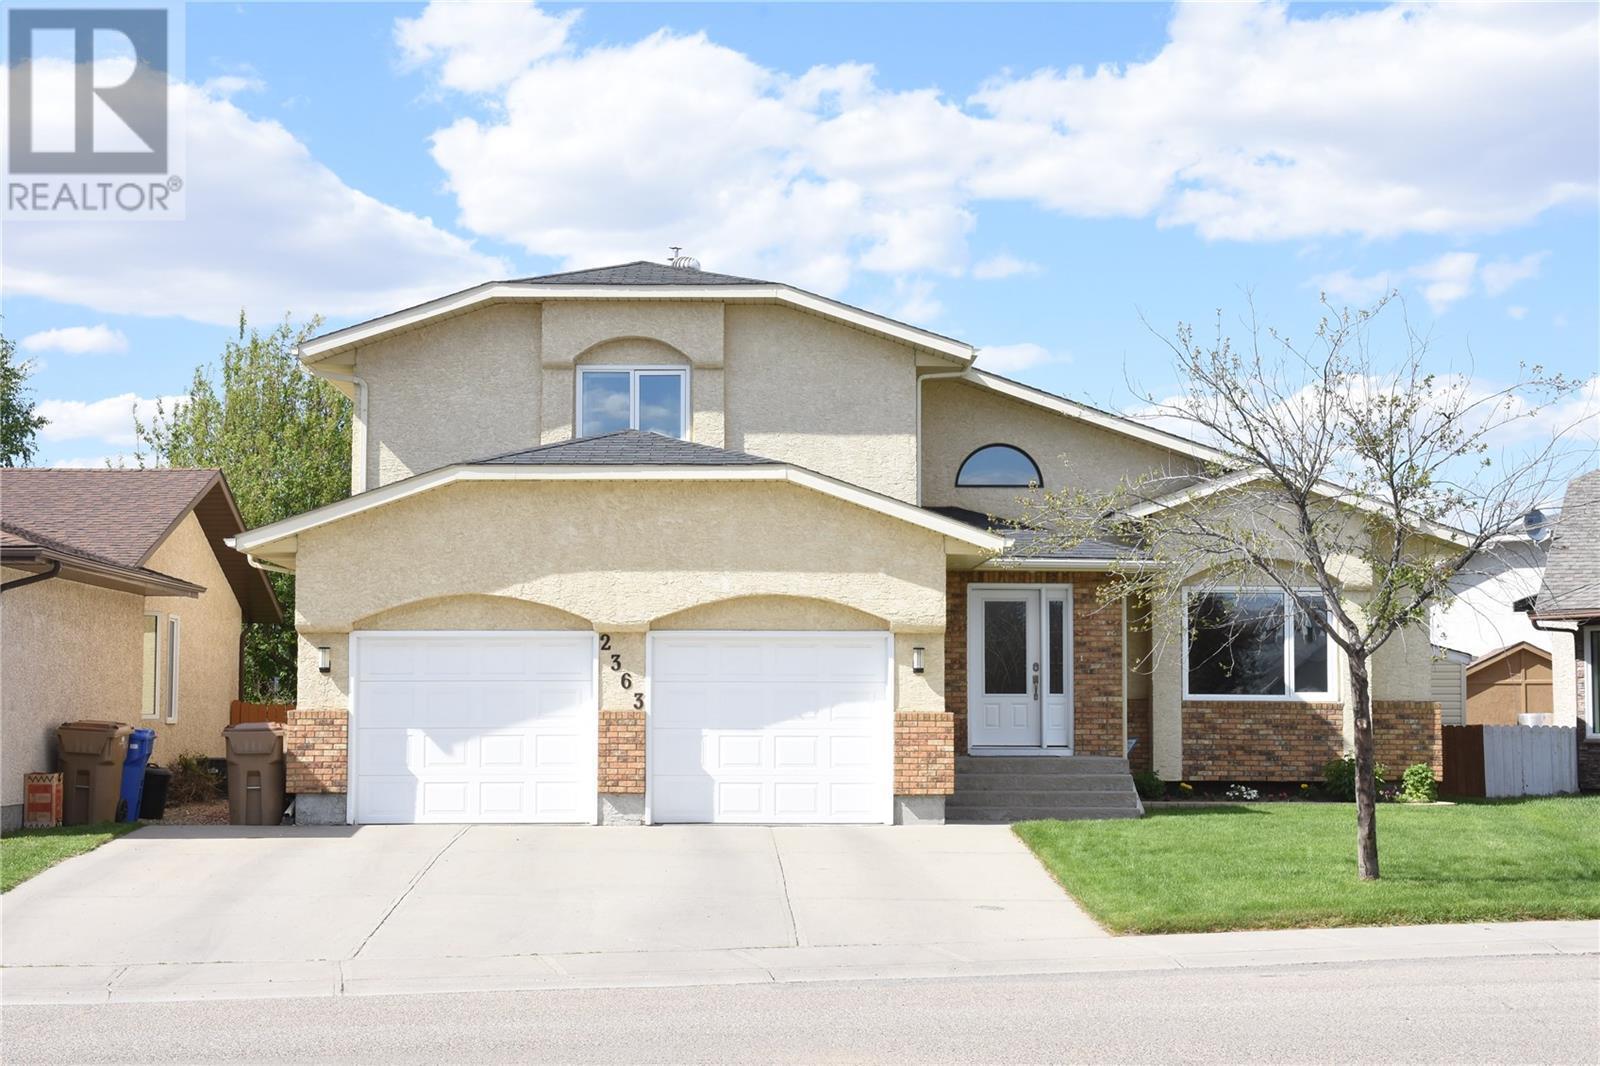 2363 Mclurg CRES, regina, Saskatchewan